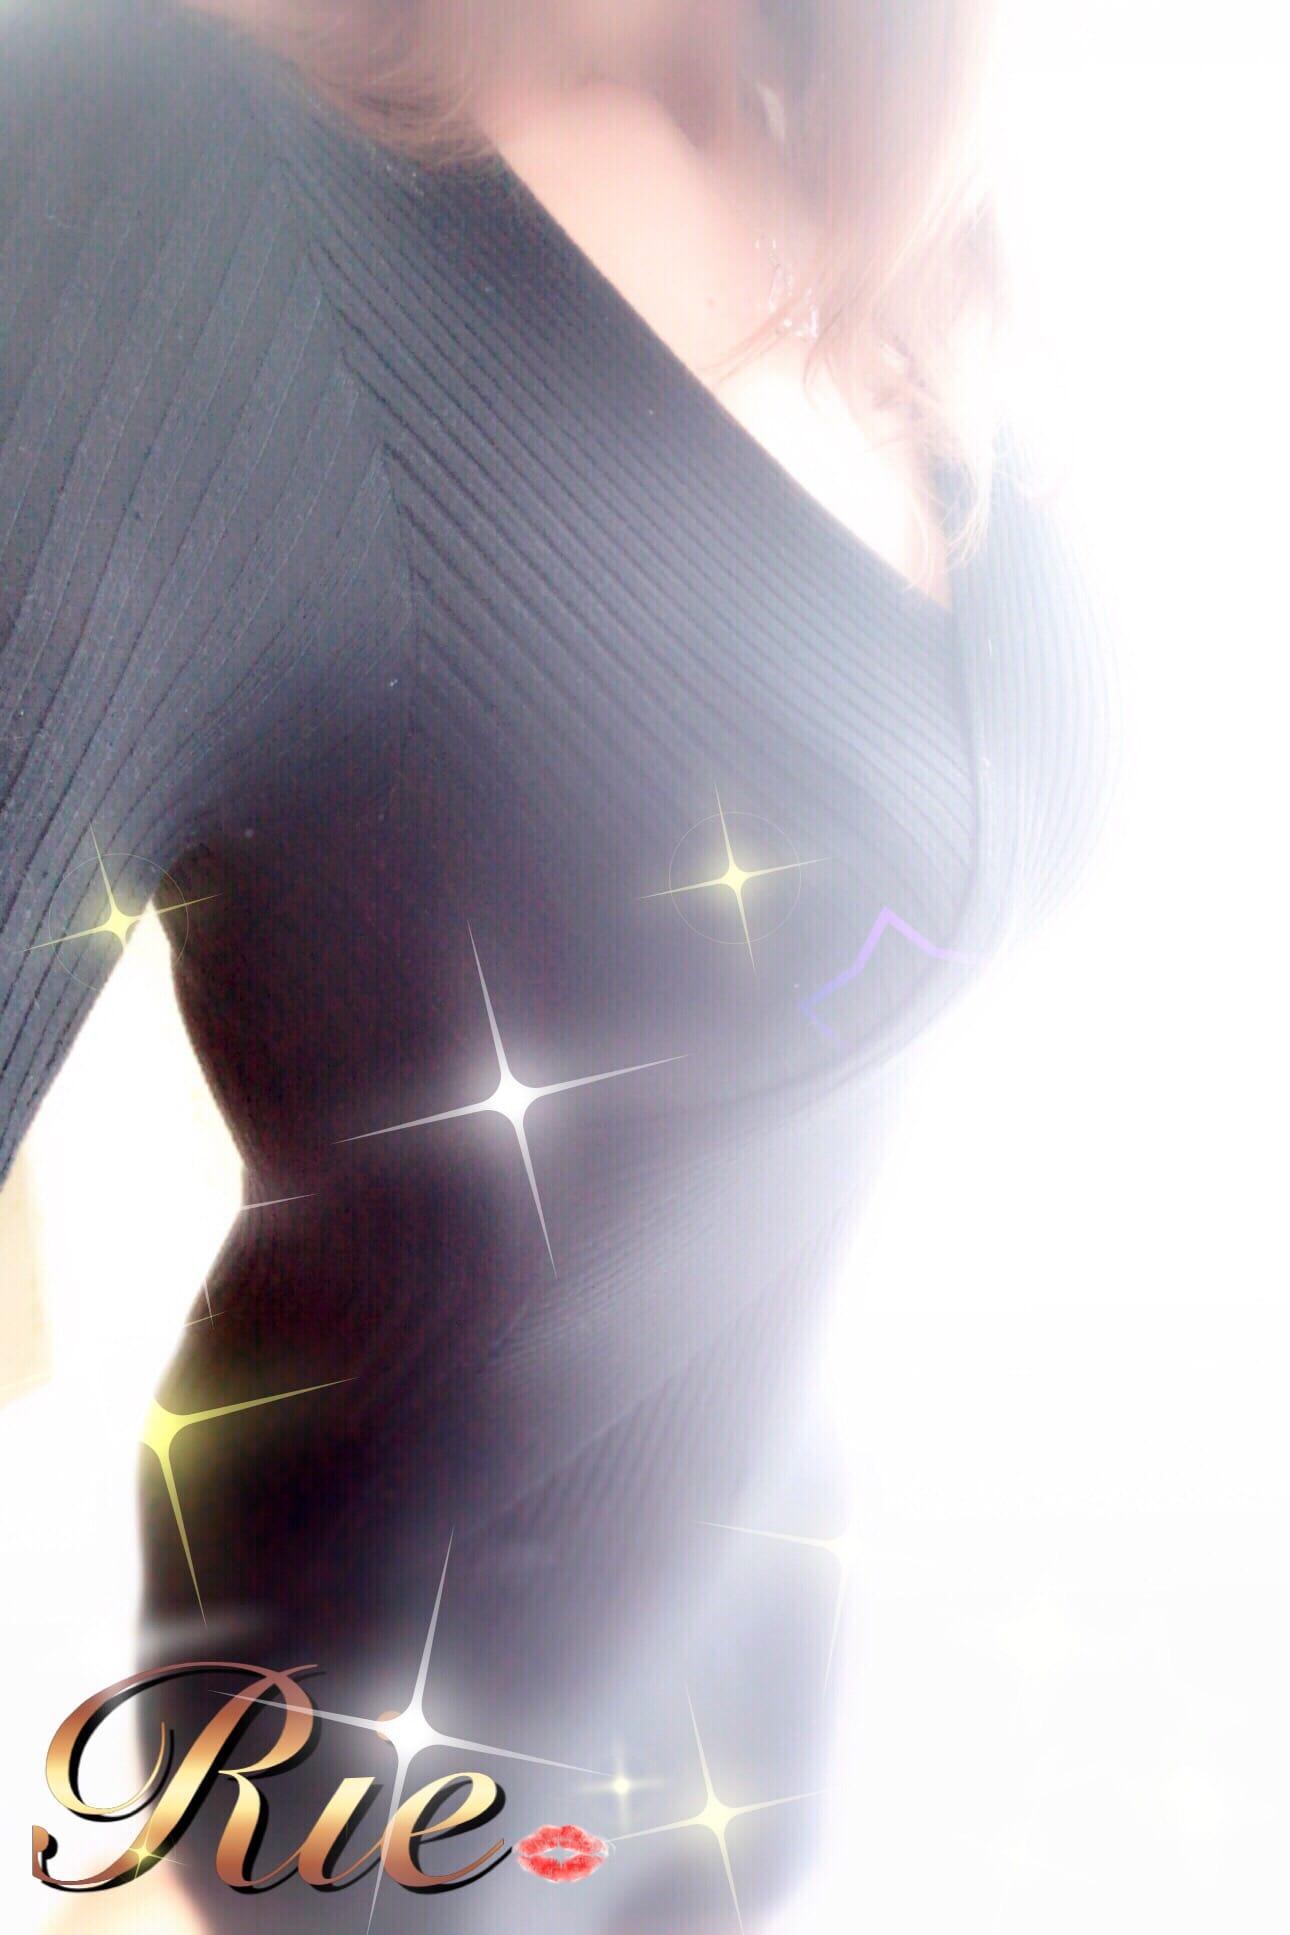 「りえです (*´ω`*)」02/20(火) 11:15 | りえの写メ・風俗動画